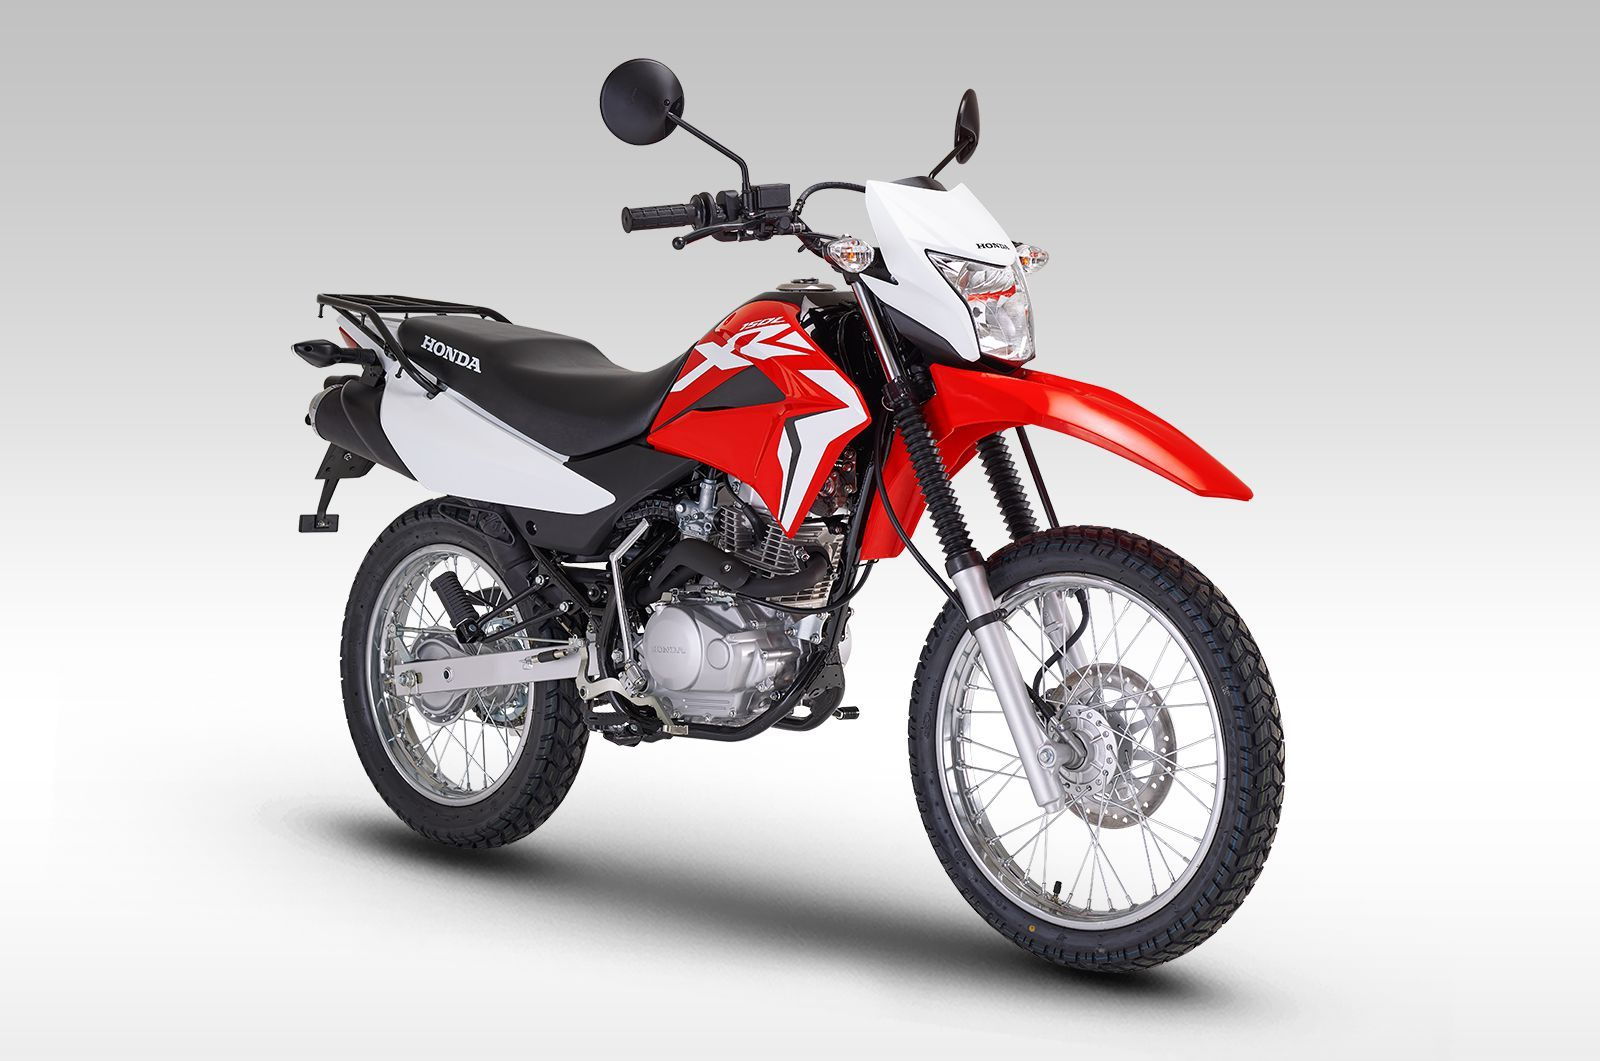 Honda Xr 150 Motorcycle Philippines In 2020 Honda Motorcycle New Honda